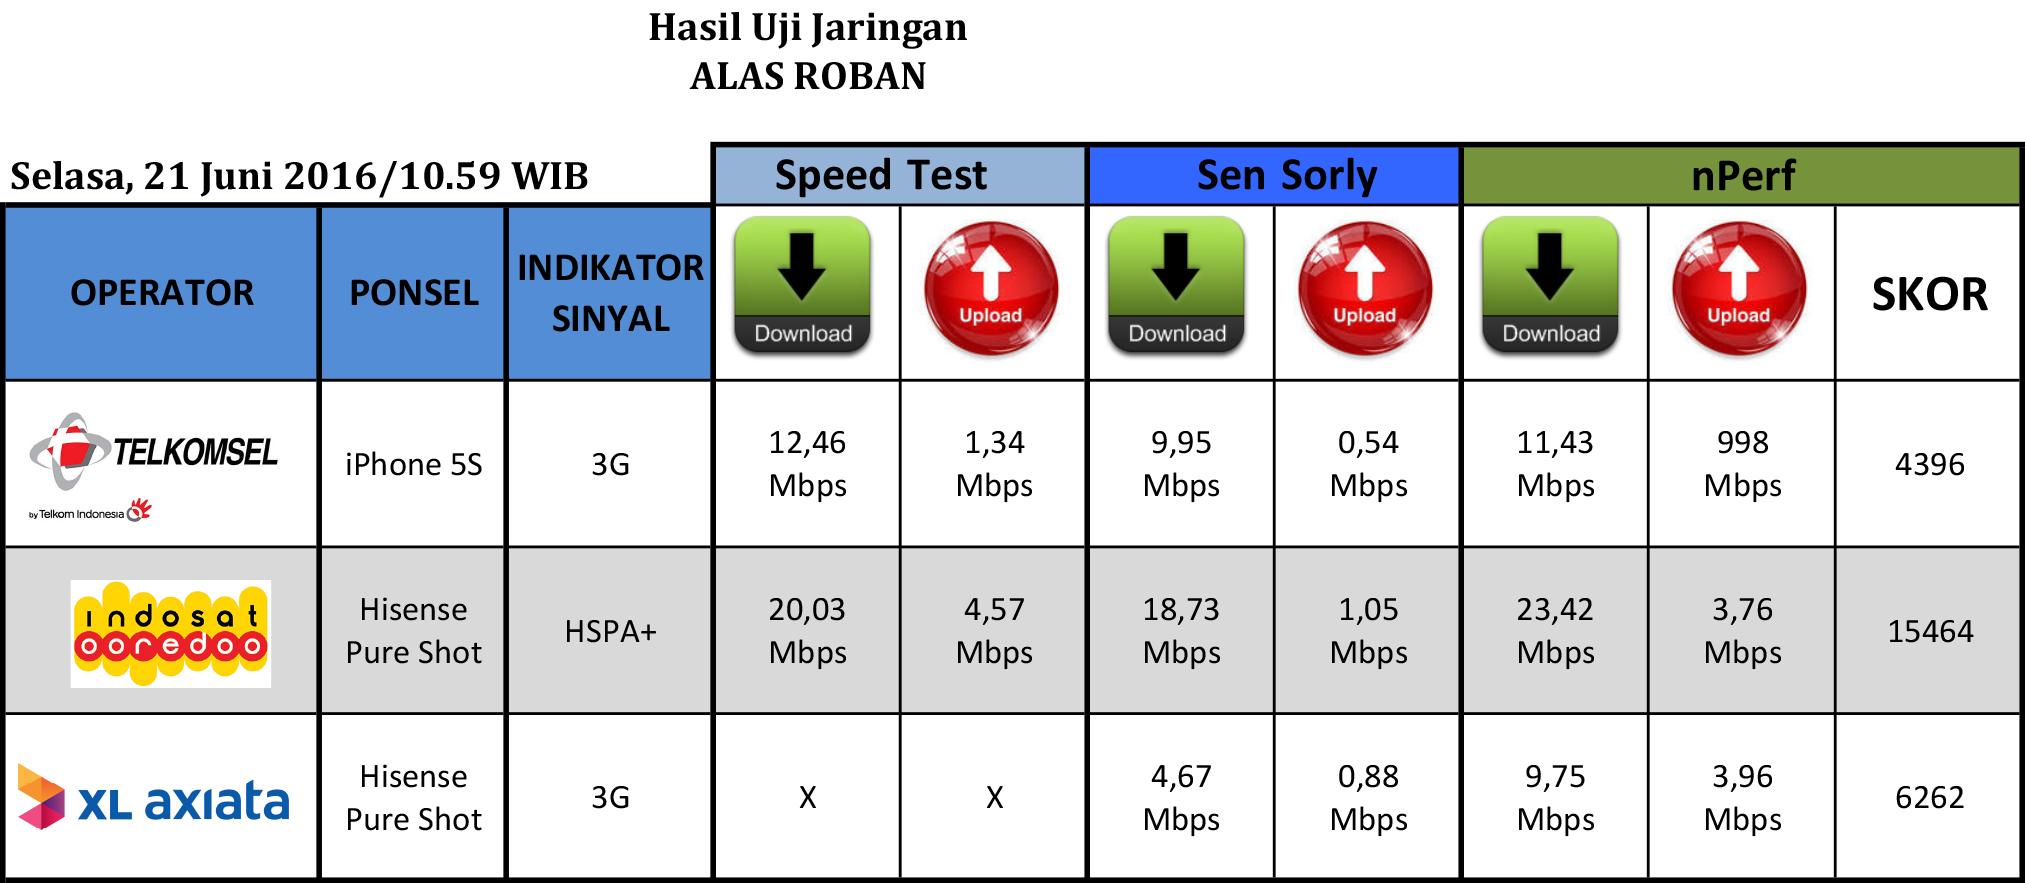 Hanya ada sinyal 3G di Alas Roban